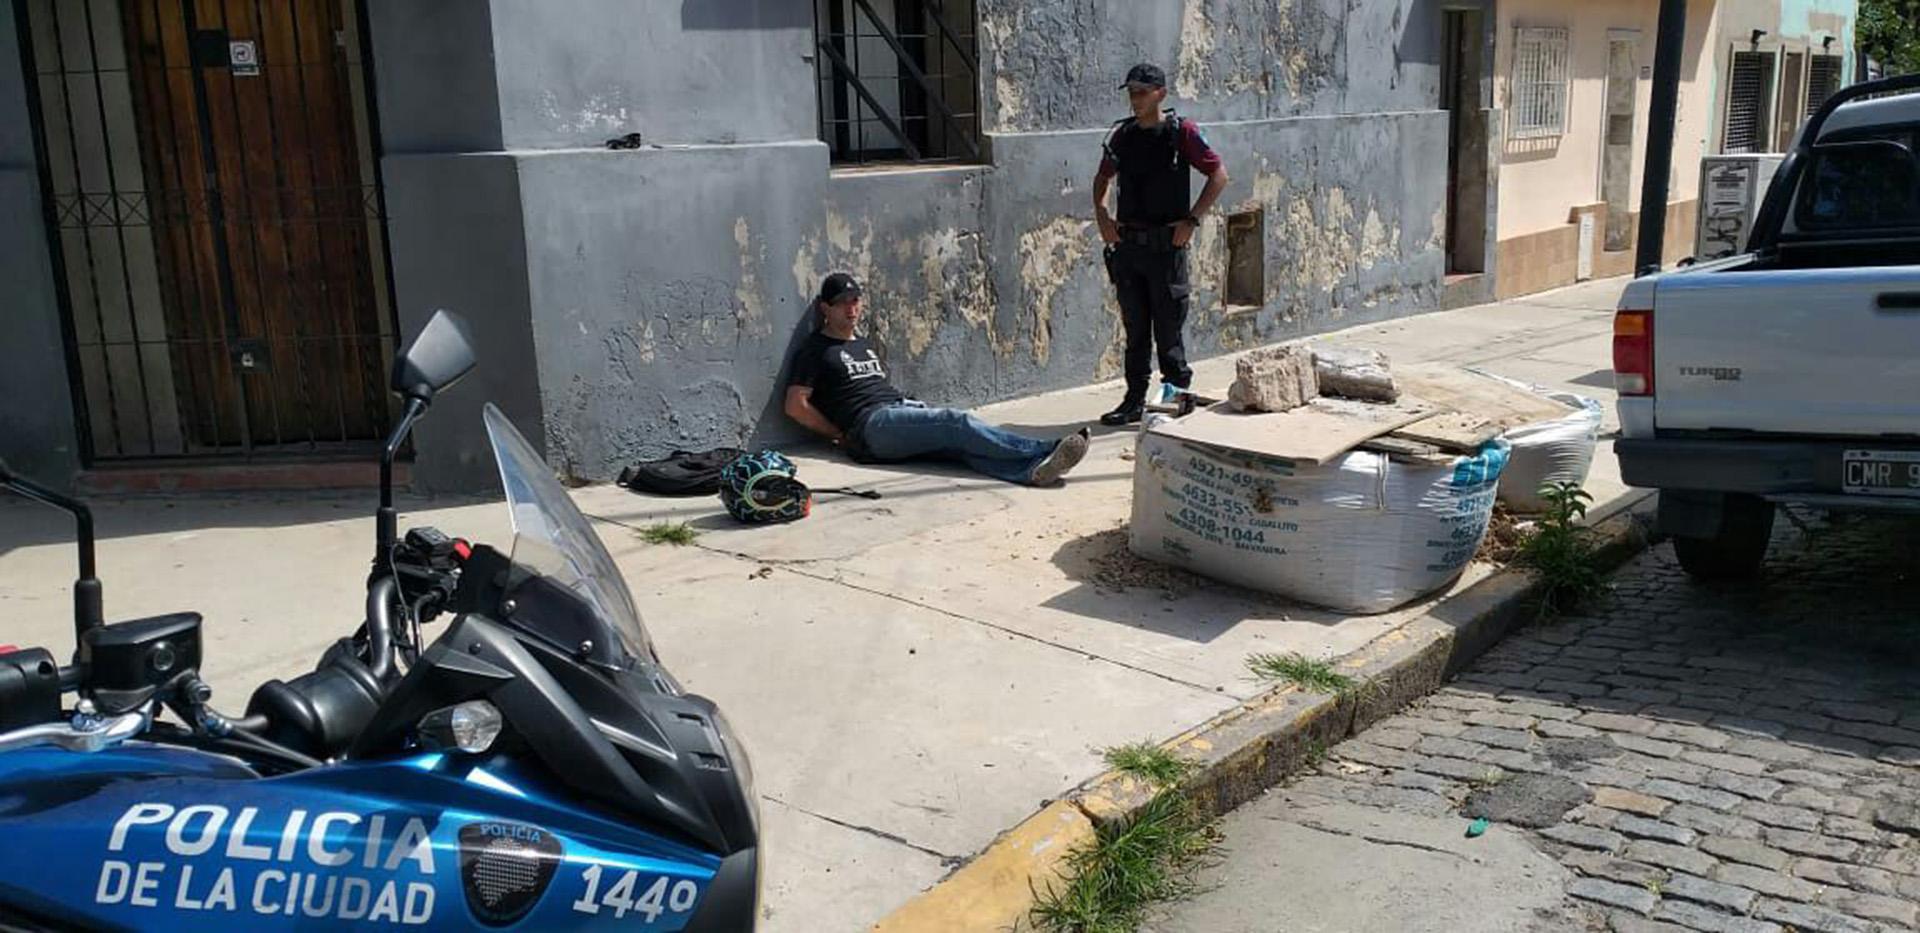 El motochorro colombiano fue liberado en juicio abreviado. Lo buscan desde la semana pasada para deportarlo